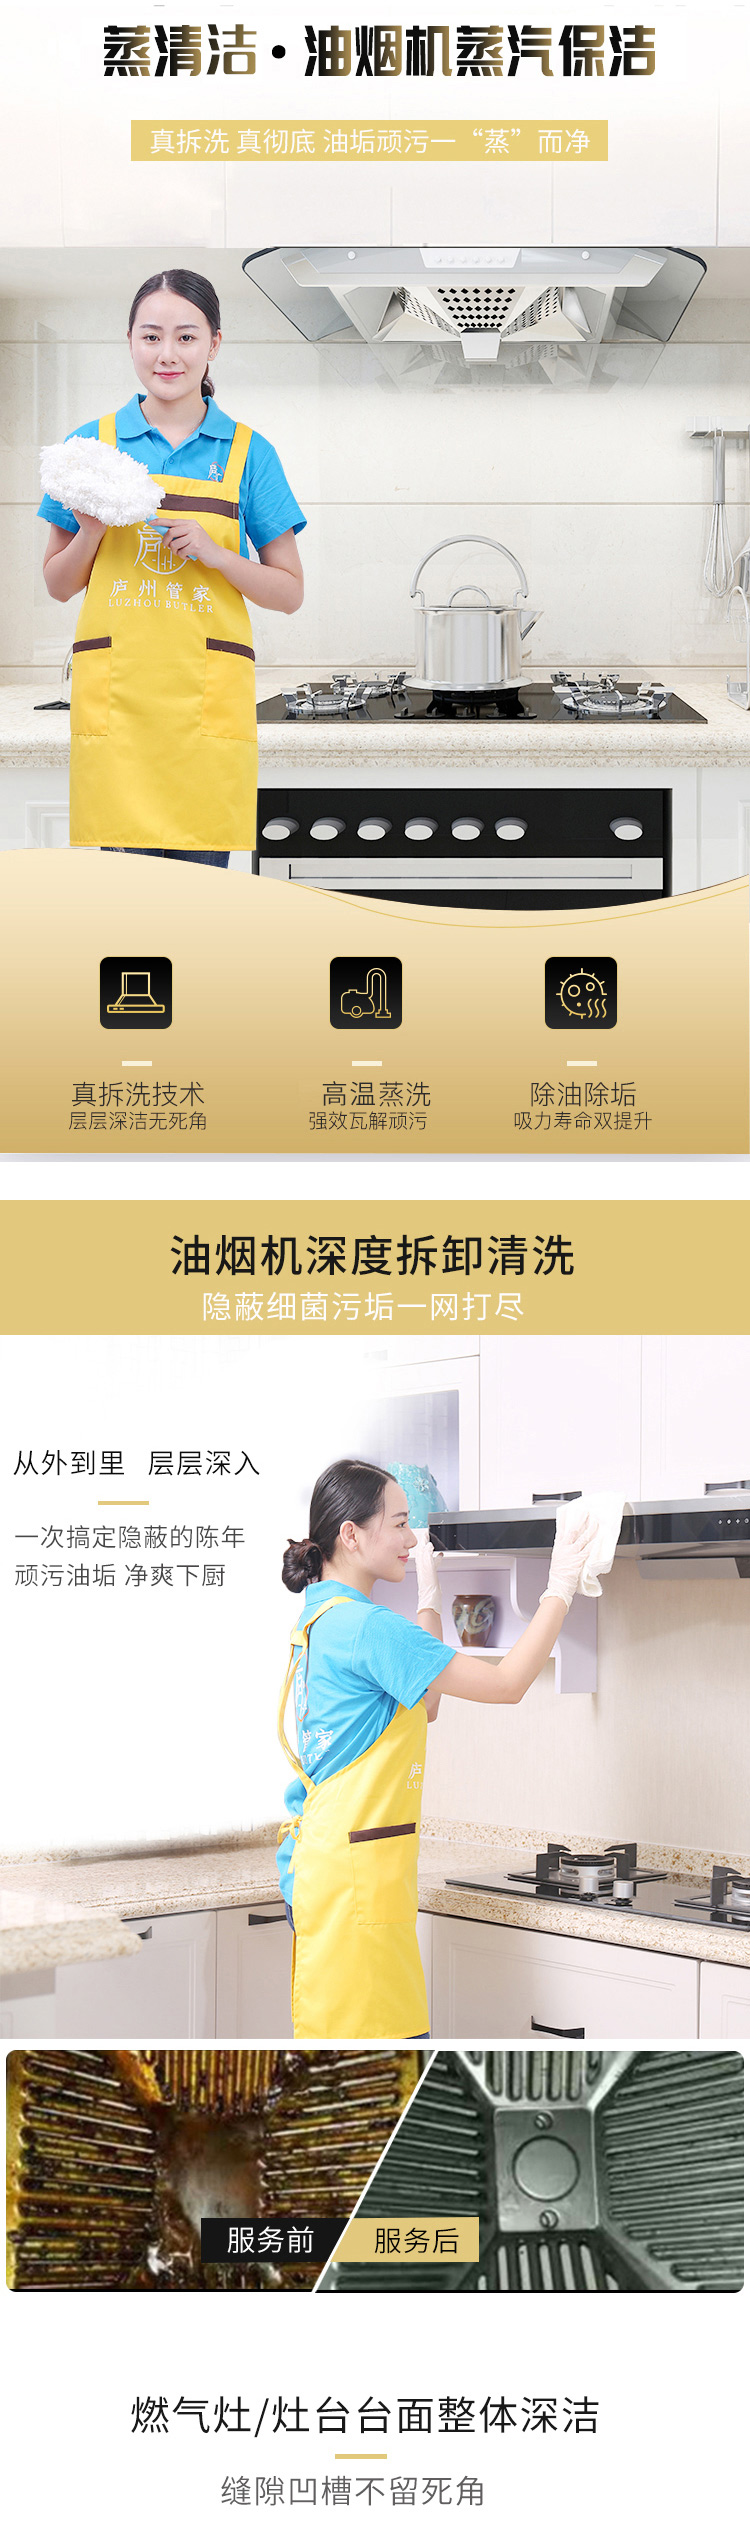 厨房清洗详情1_02.jpg